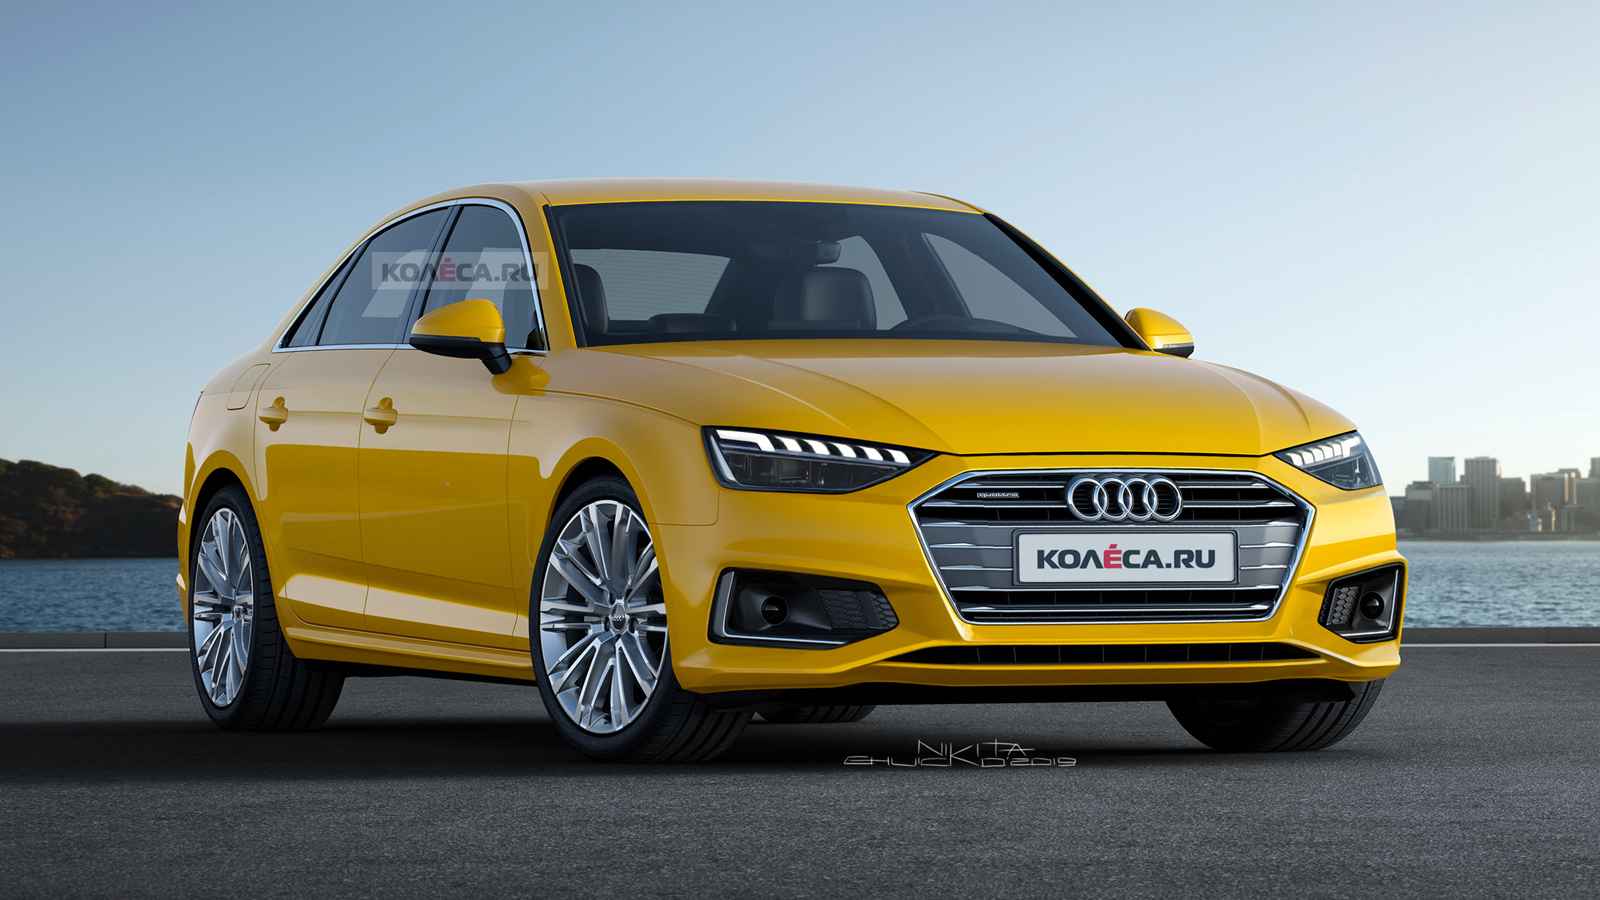 Audi-A4-rest-front2